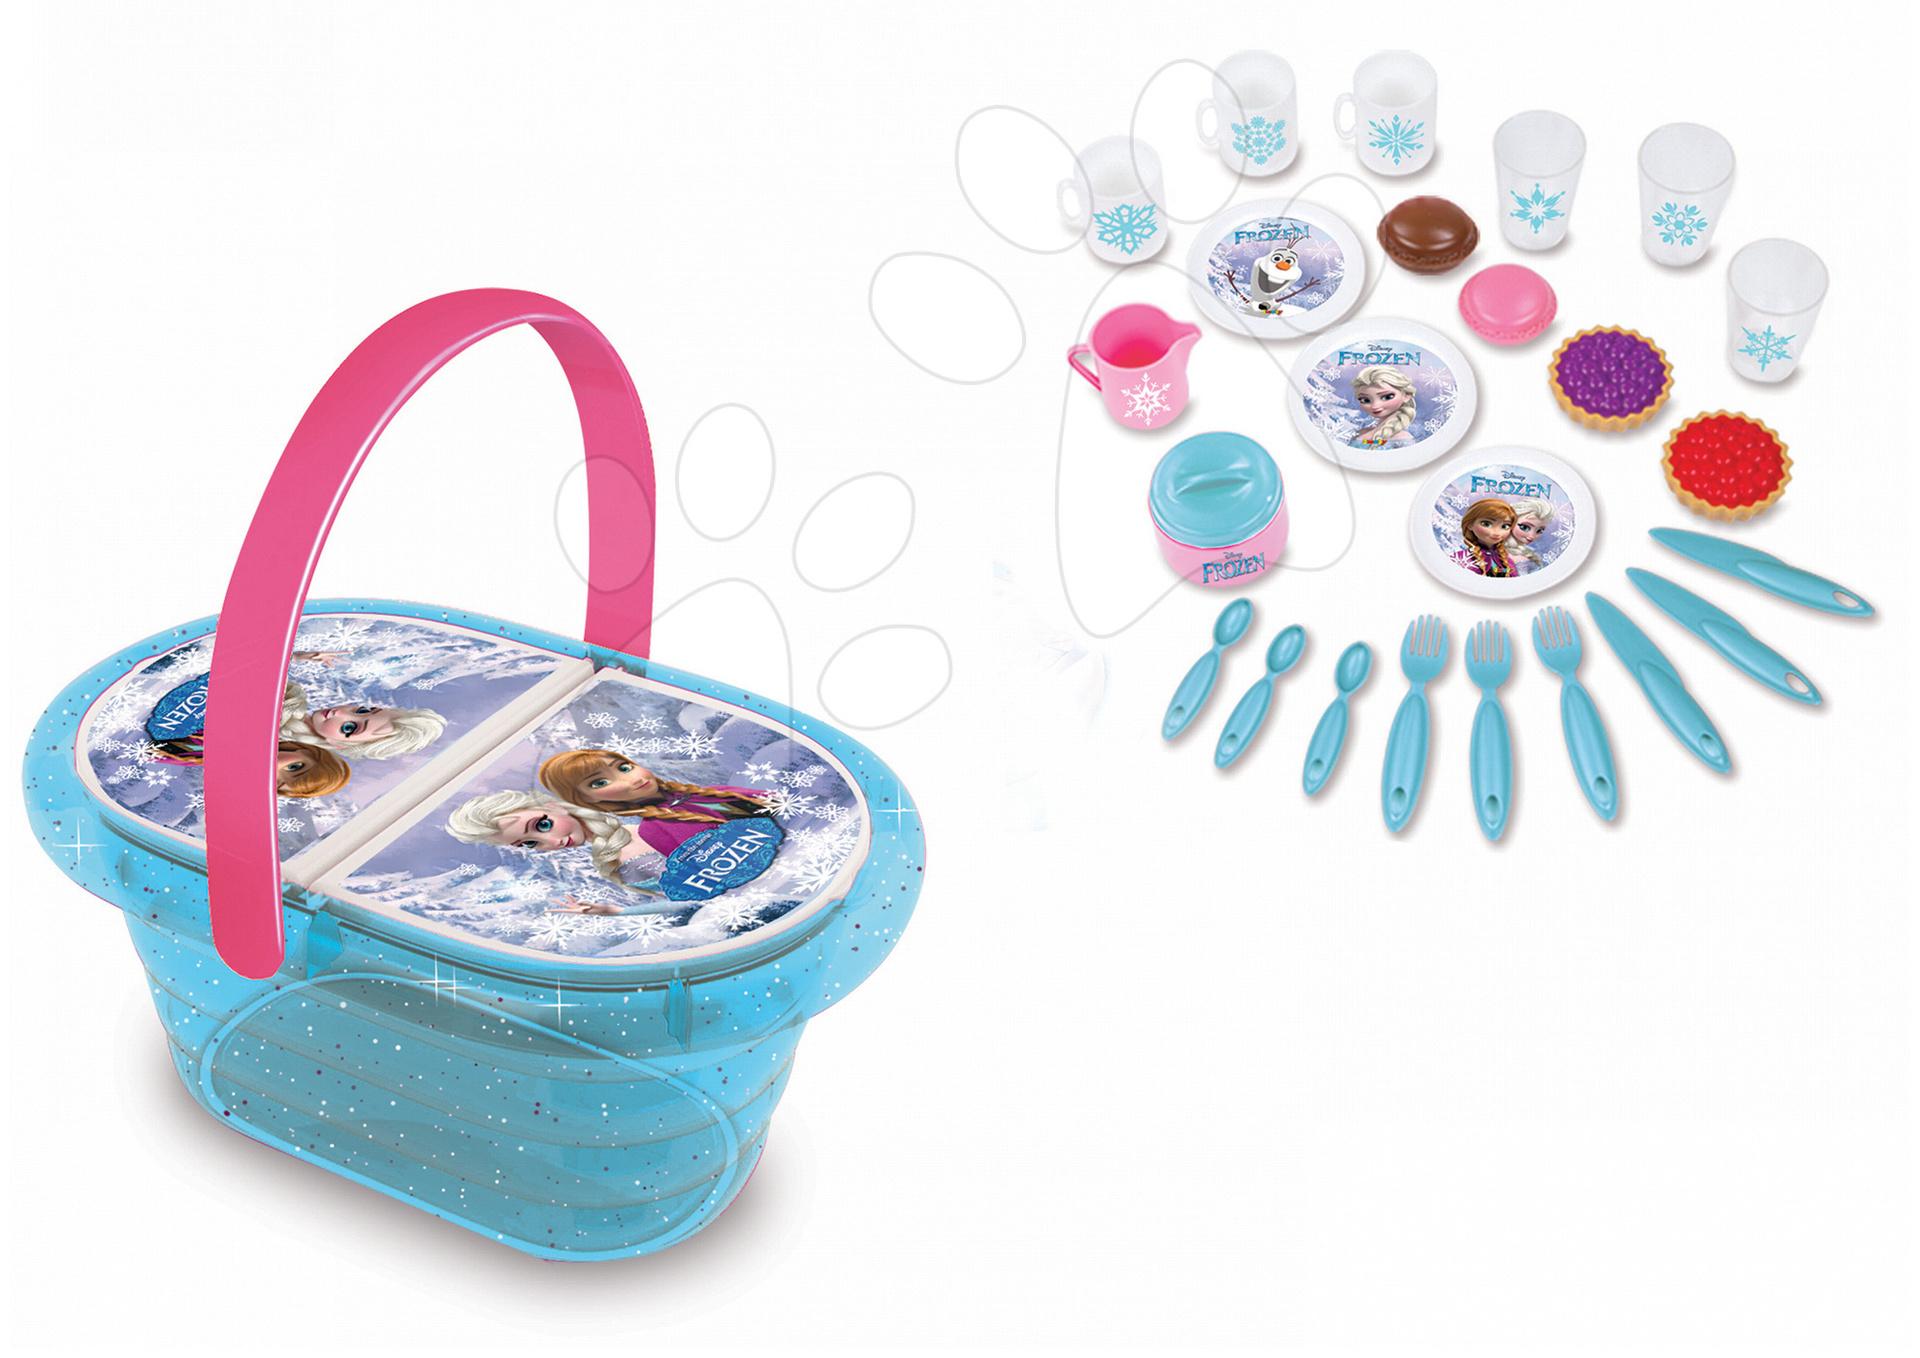 Piknikový košík Frozen Smoby s trblietkami s 24 doplnkami